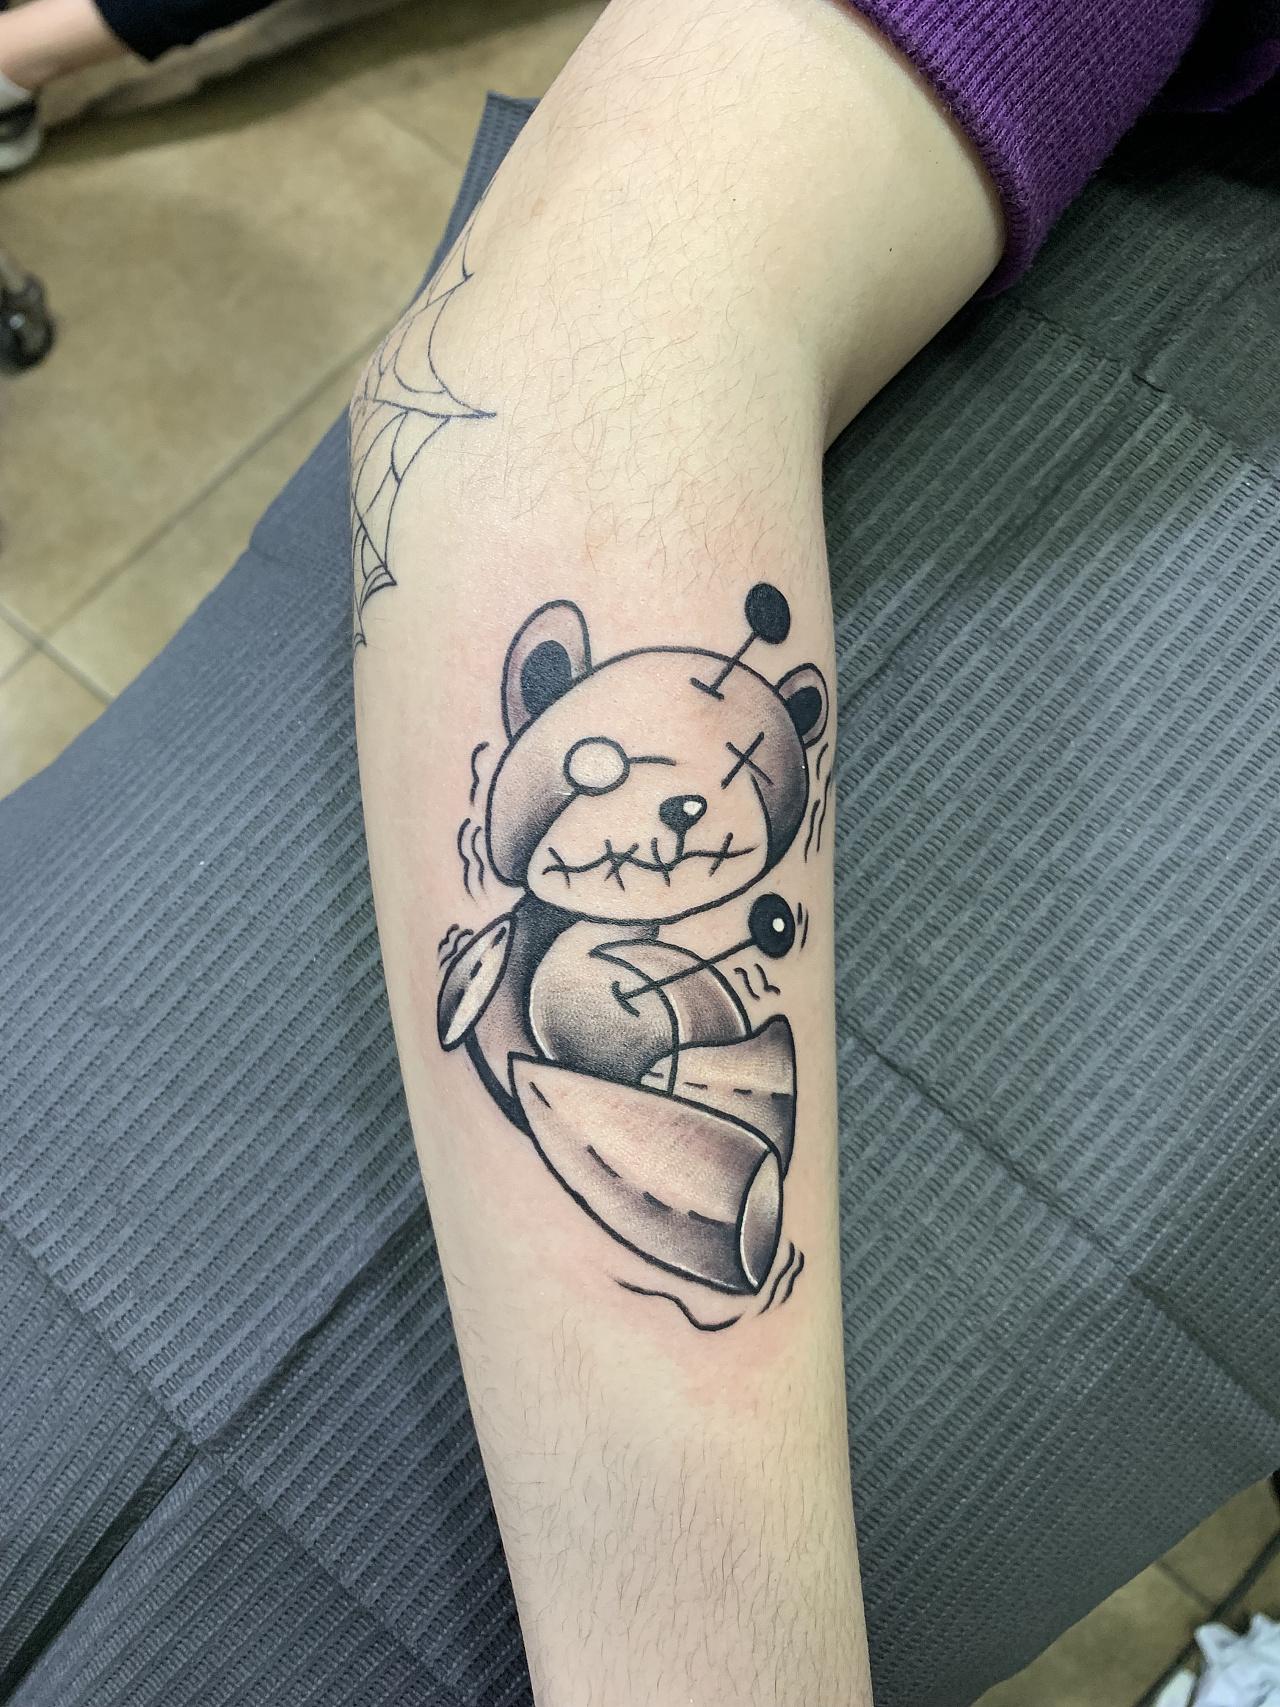 个性女生纹身图案#精致小纹身#吴江酷客纹身图片